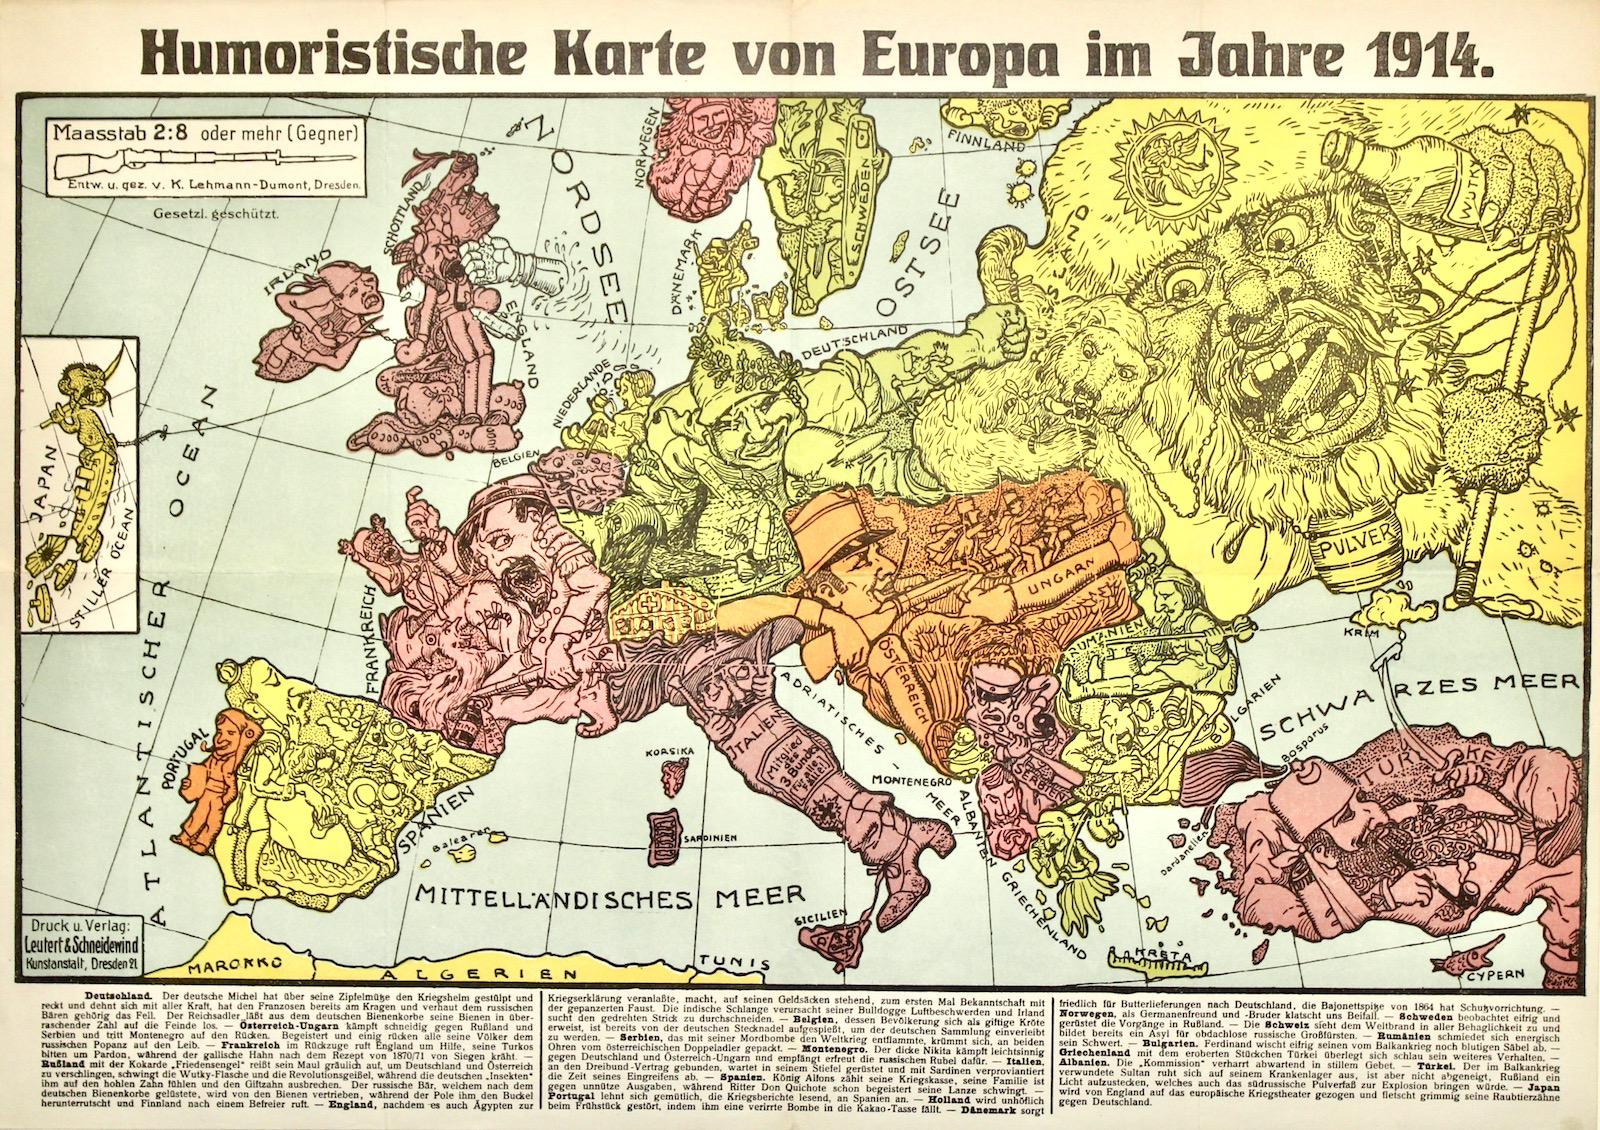 Karte Von Europa.Humoristische Karte Von Europa Im Jahre 1914